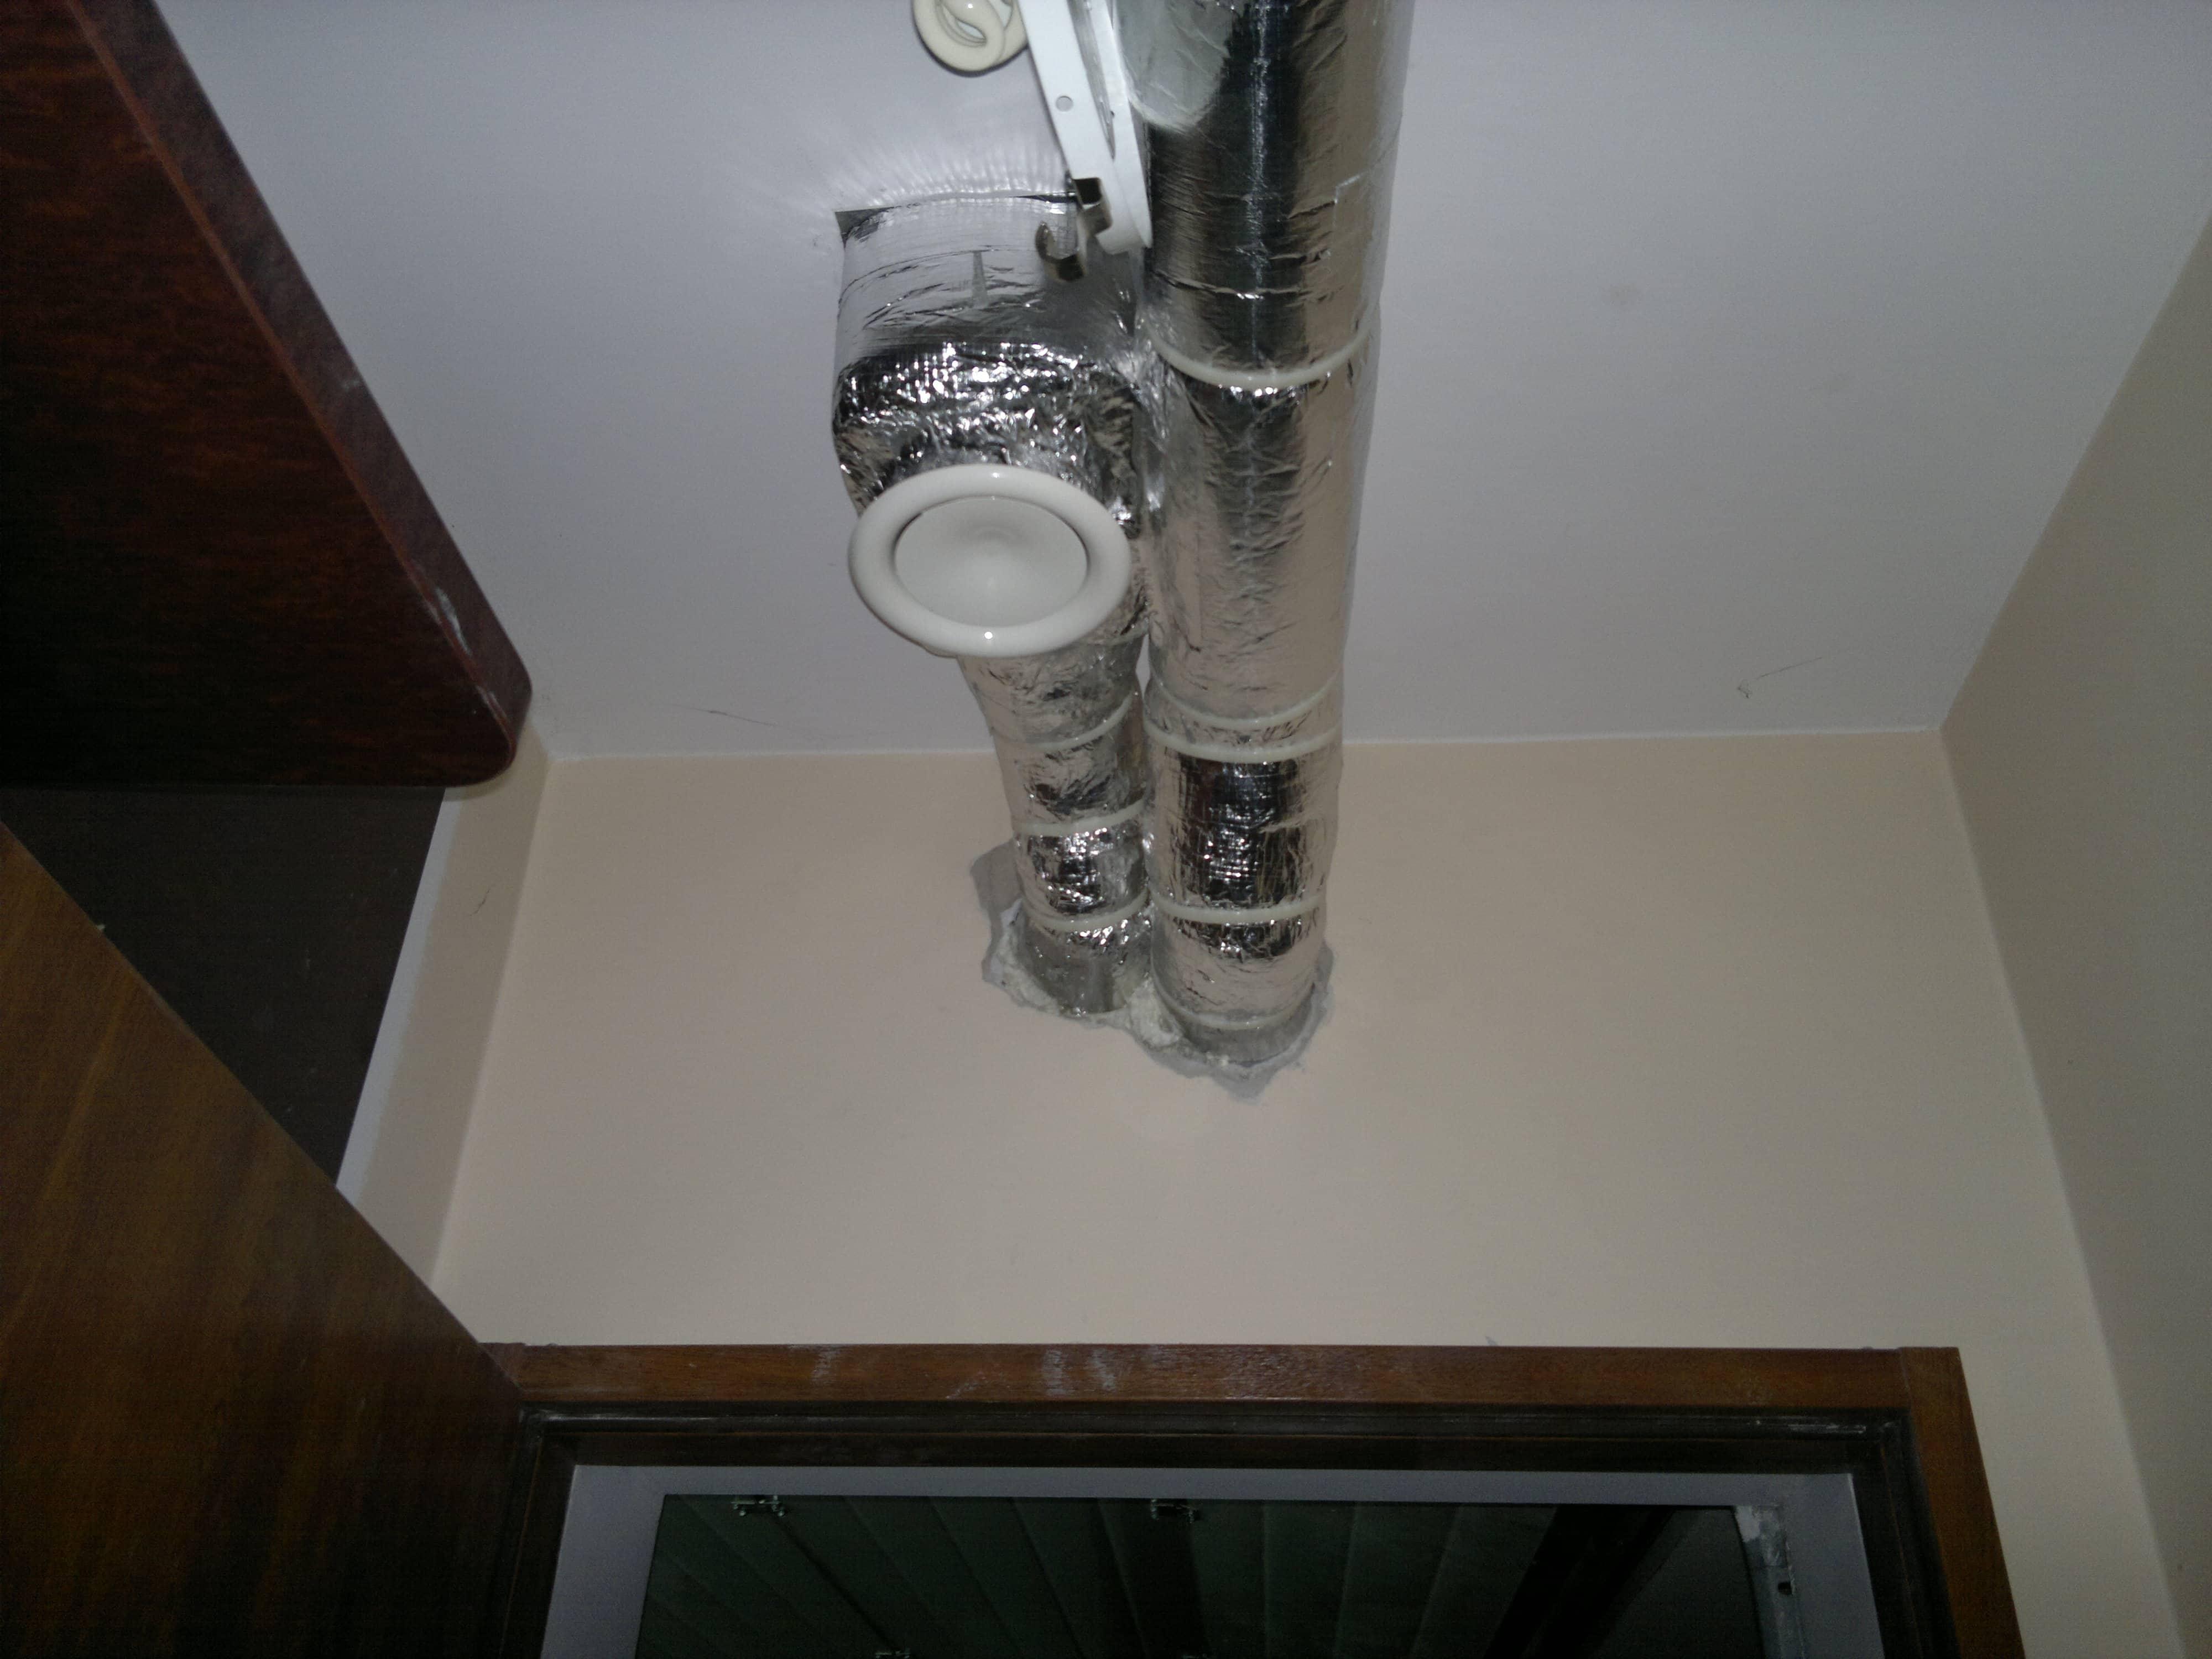 kanaly wentylacyjne w domu zamieszkanym